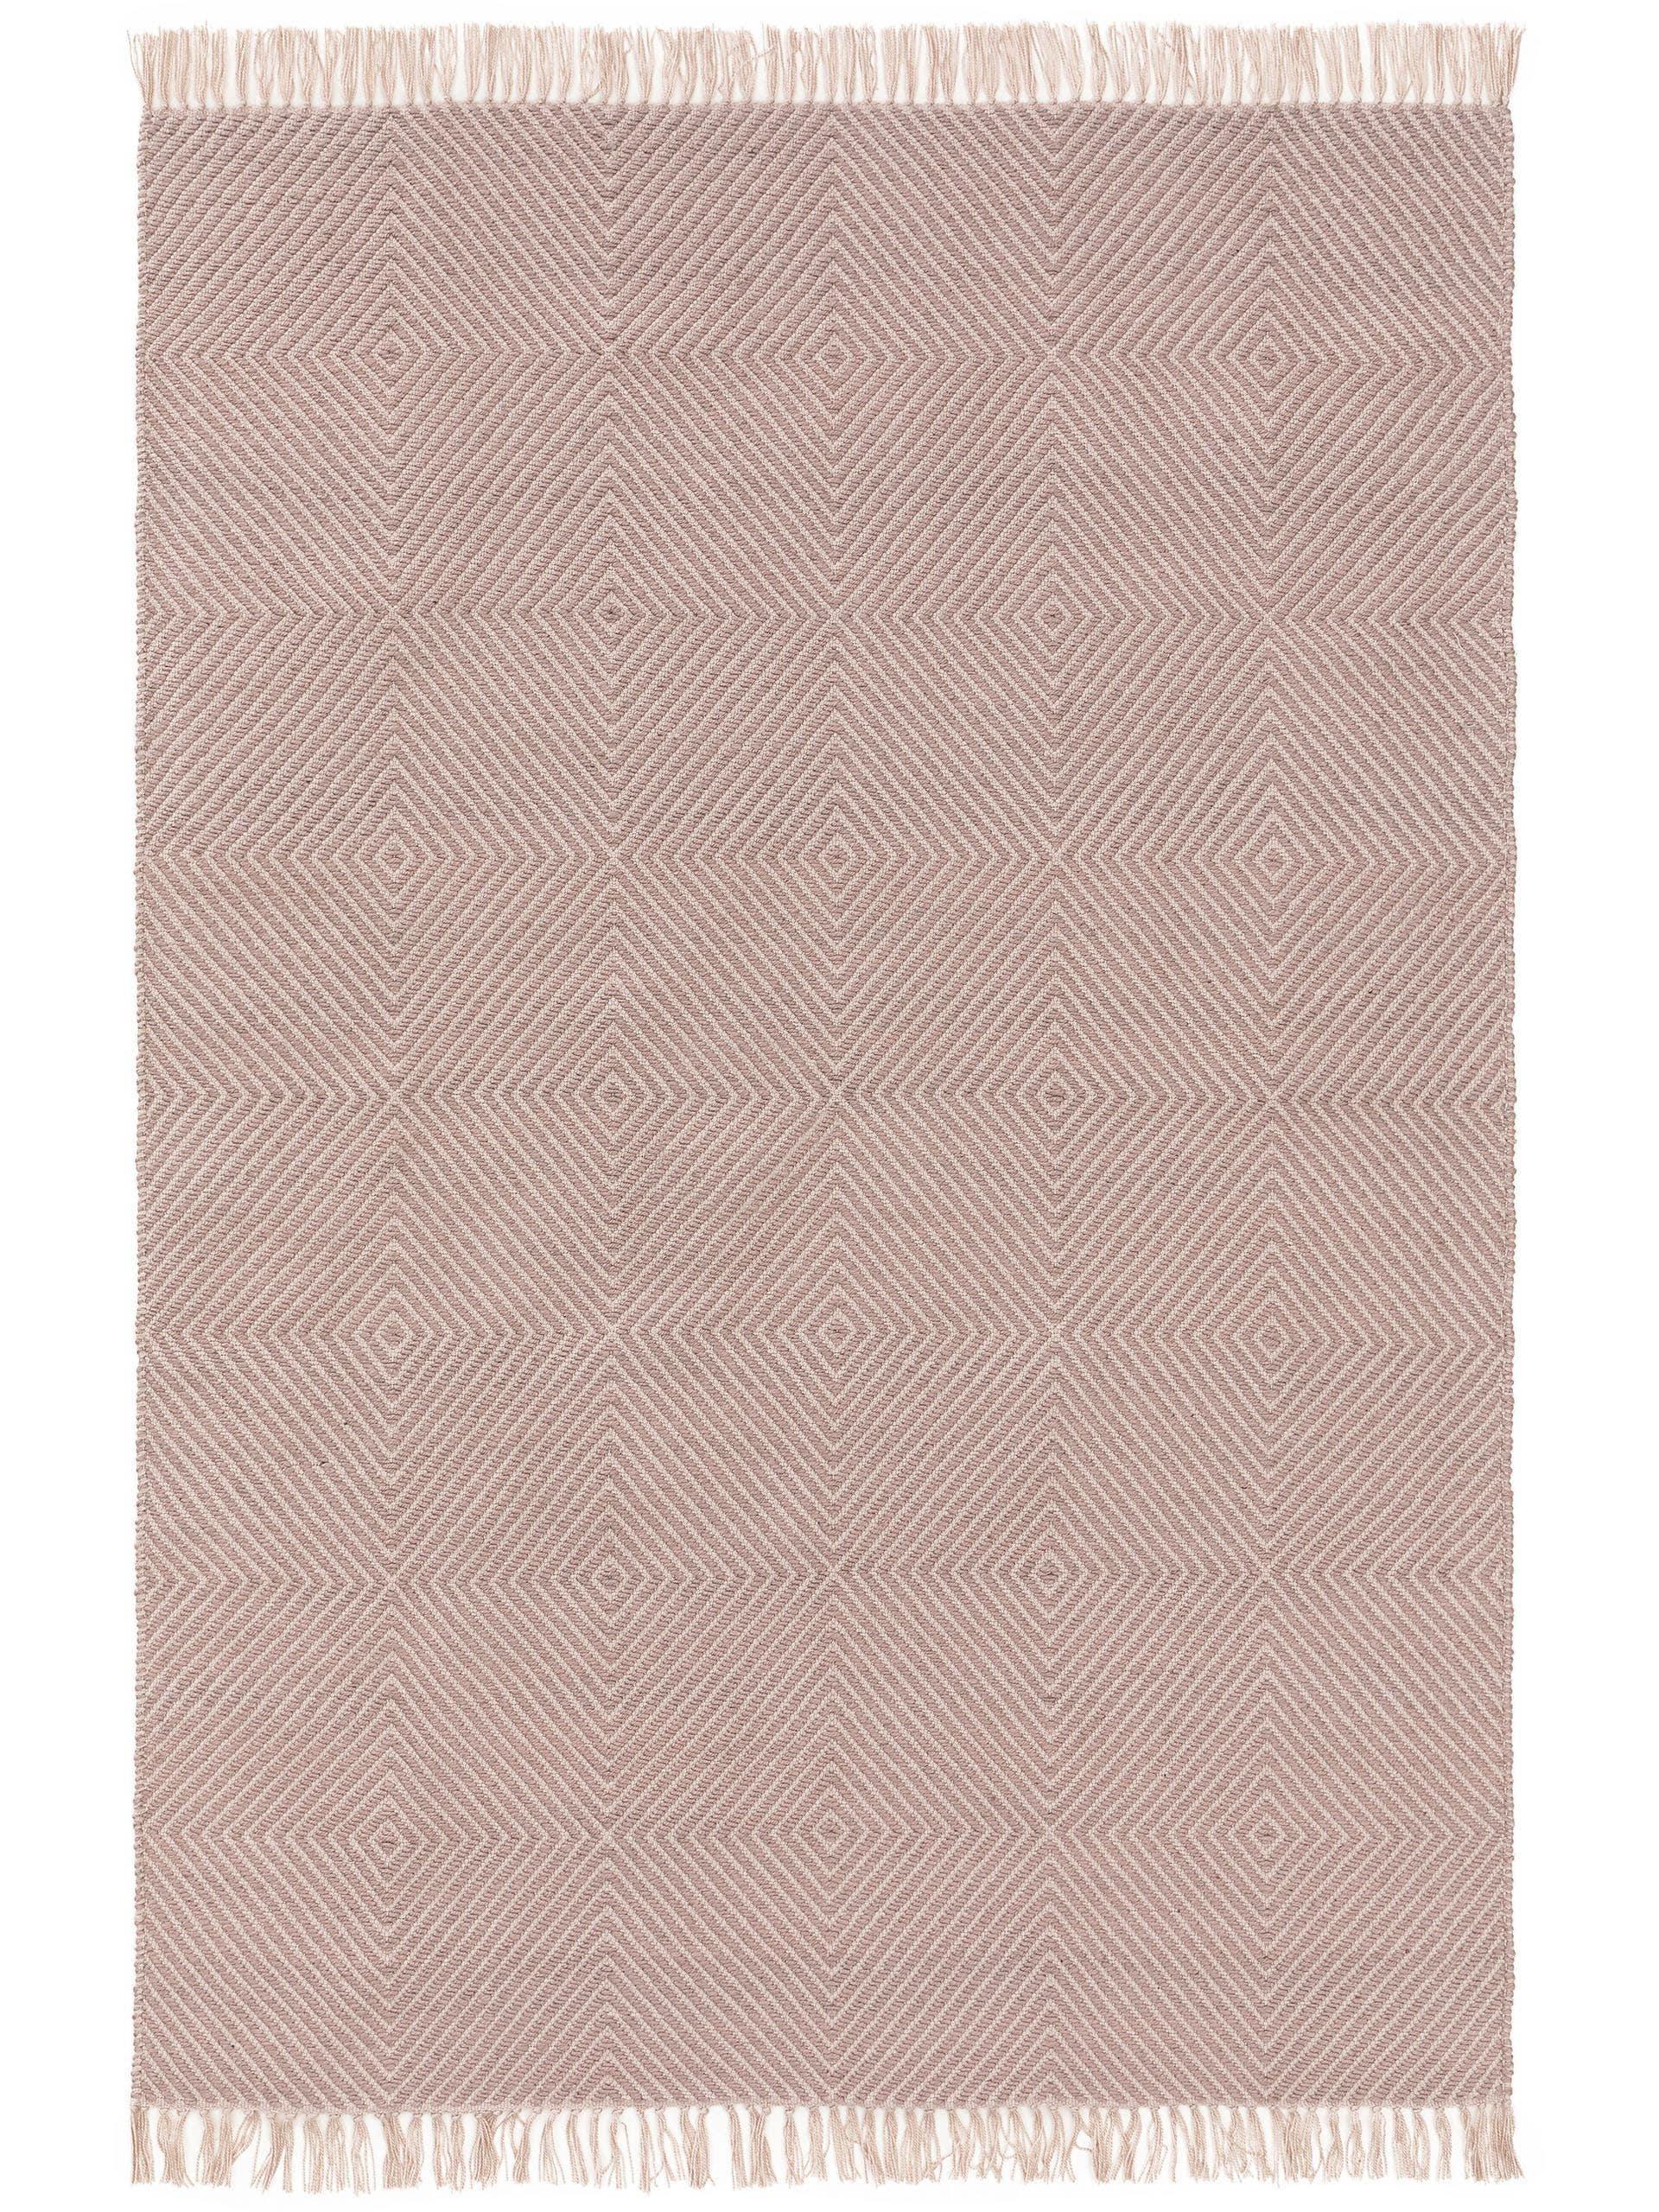 Tapis d'extérieur & intérieur beige 200x300